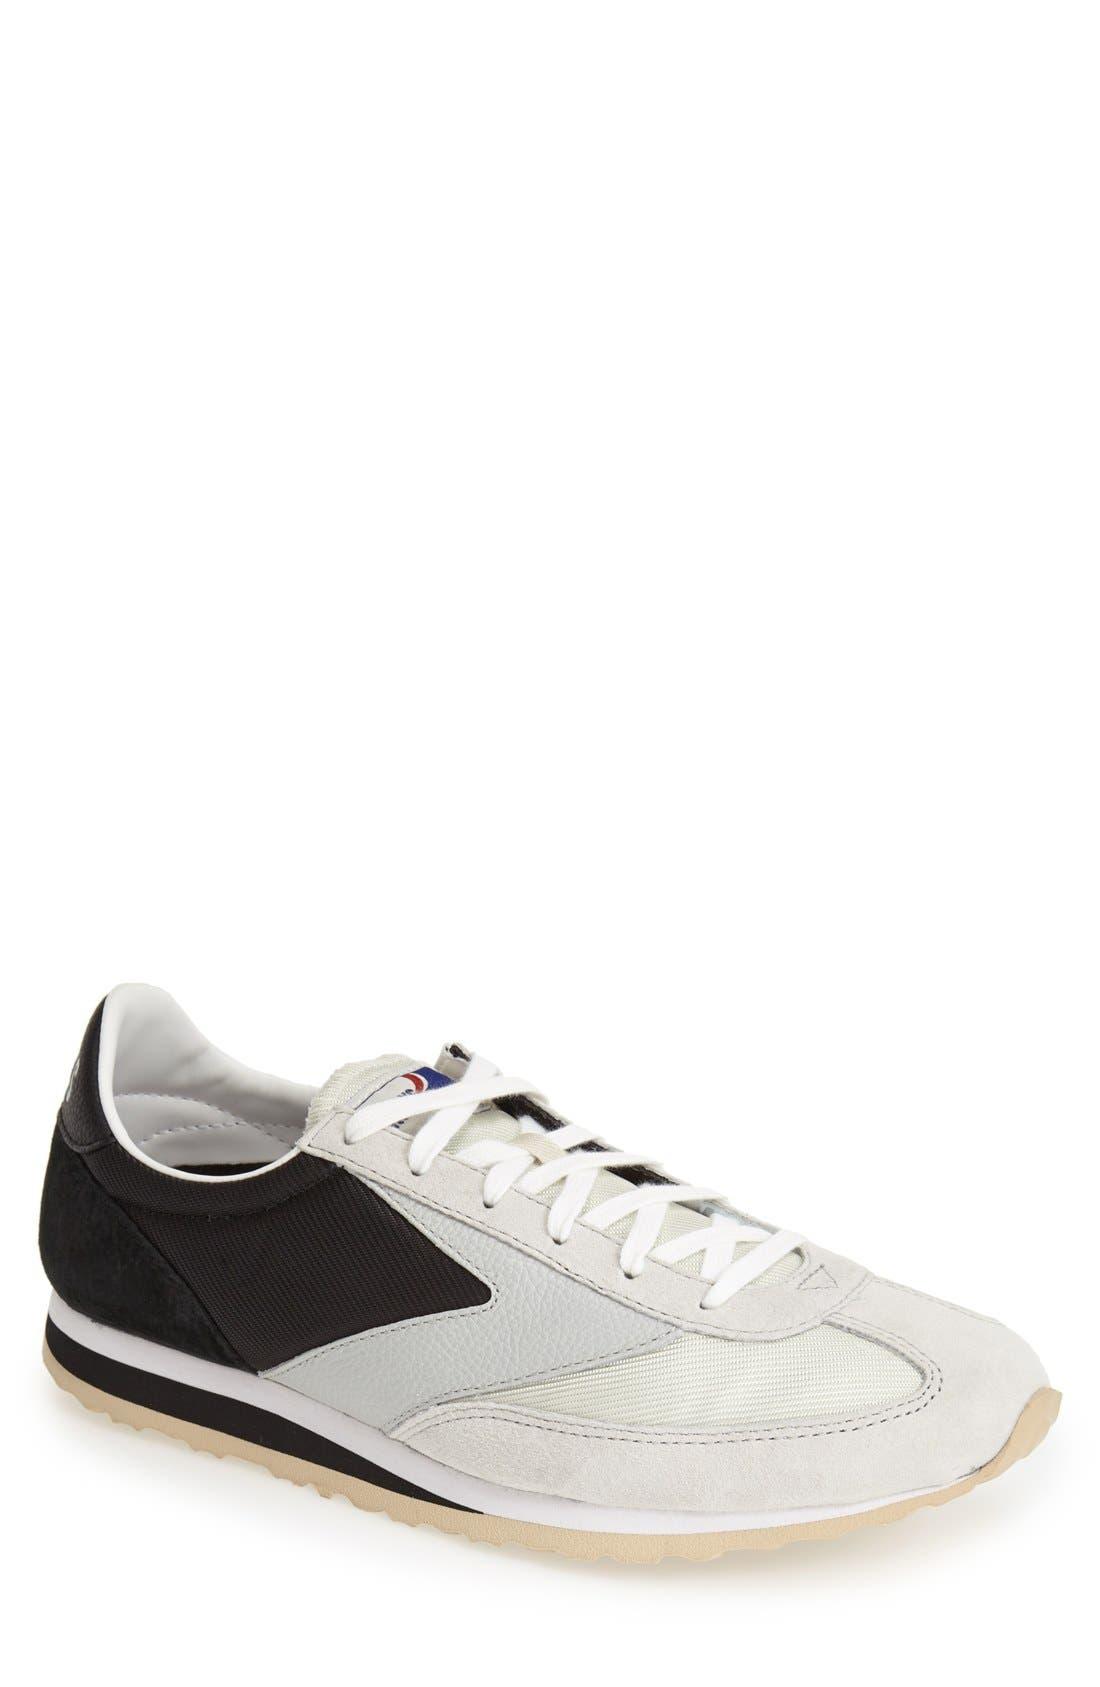 'Vanguard' Sneaker, Main, color, 001